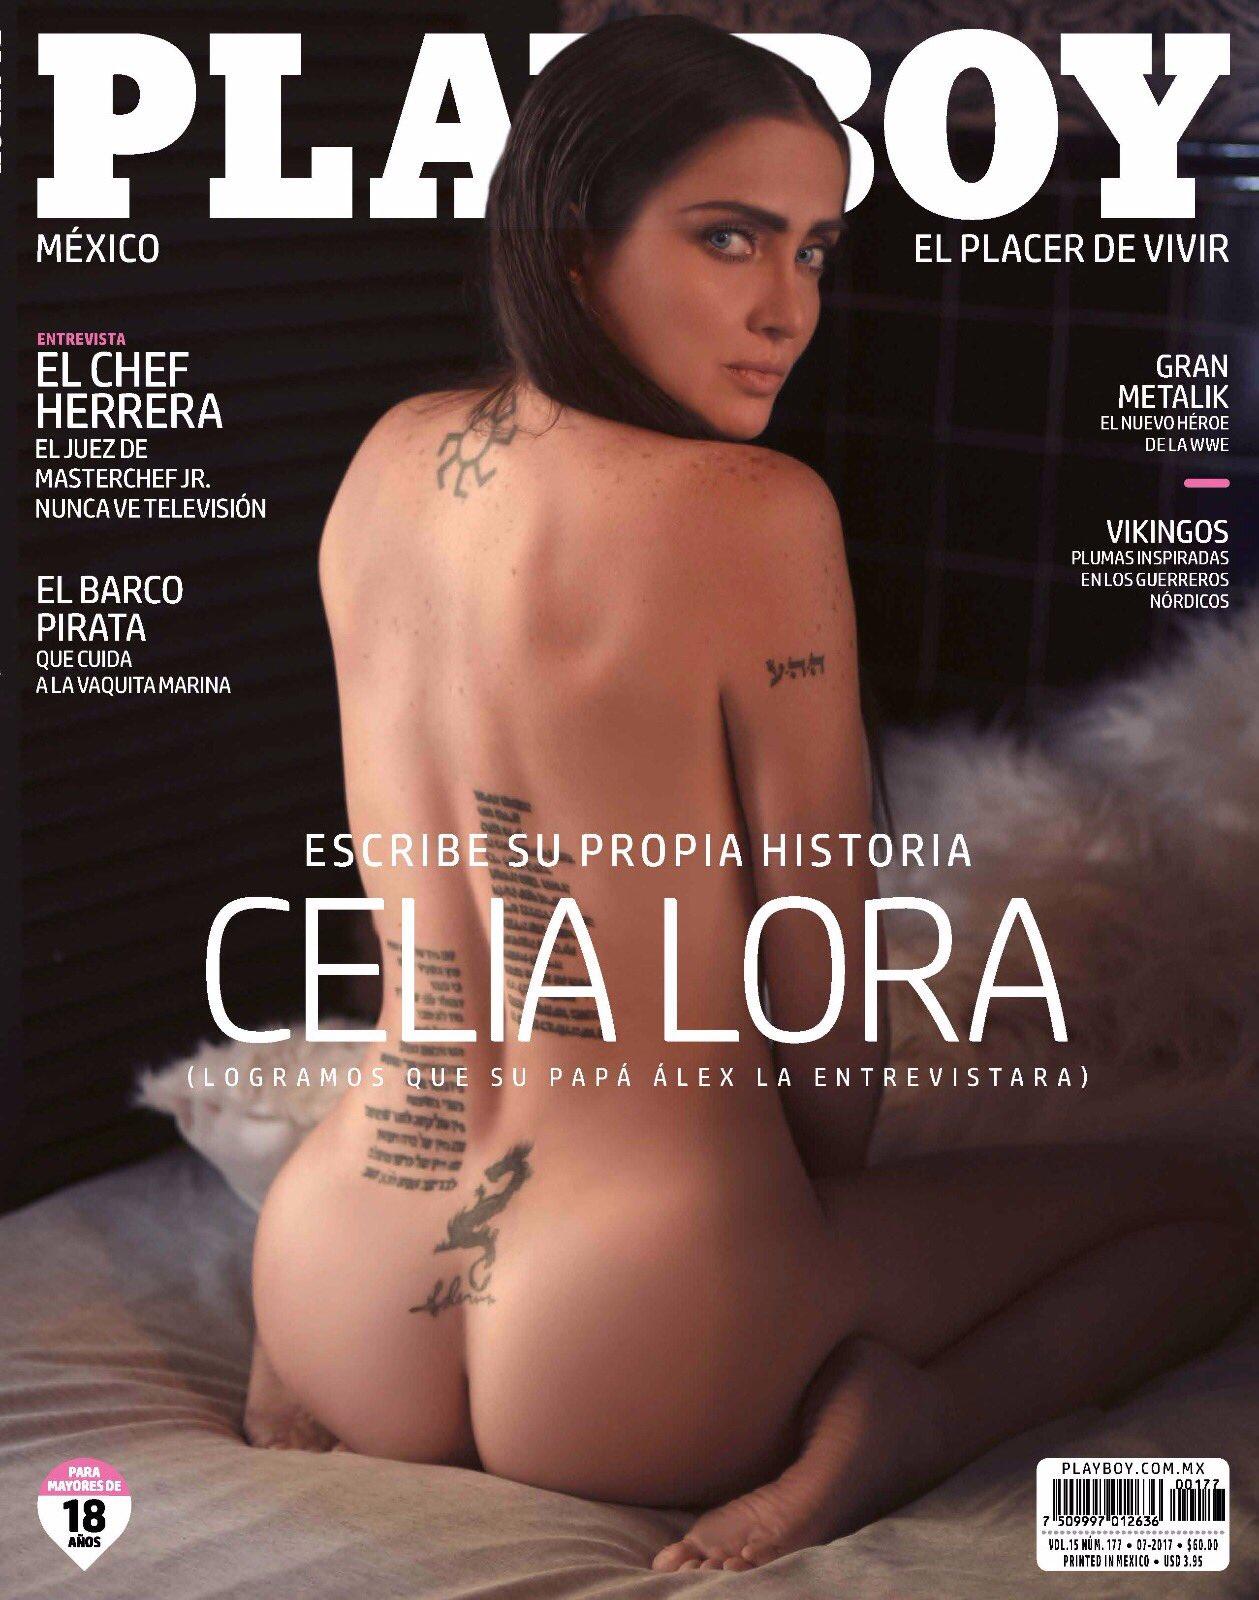 Celia Lora presume fotos desnuda que realizó para Playboy